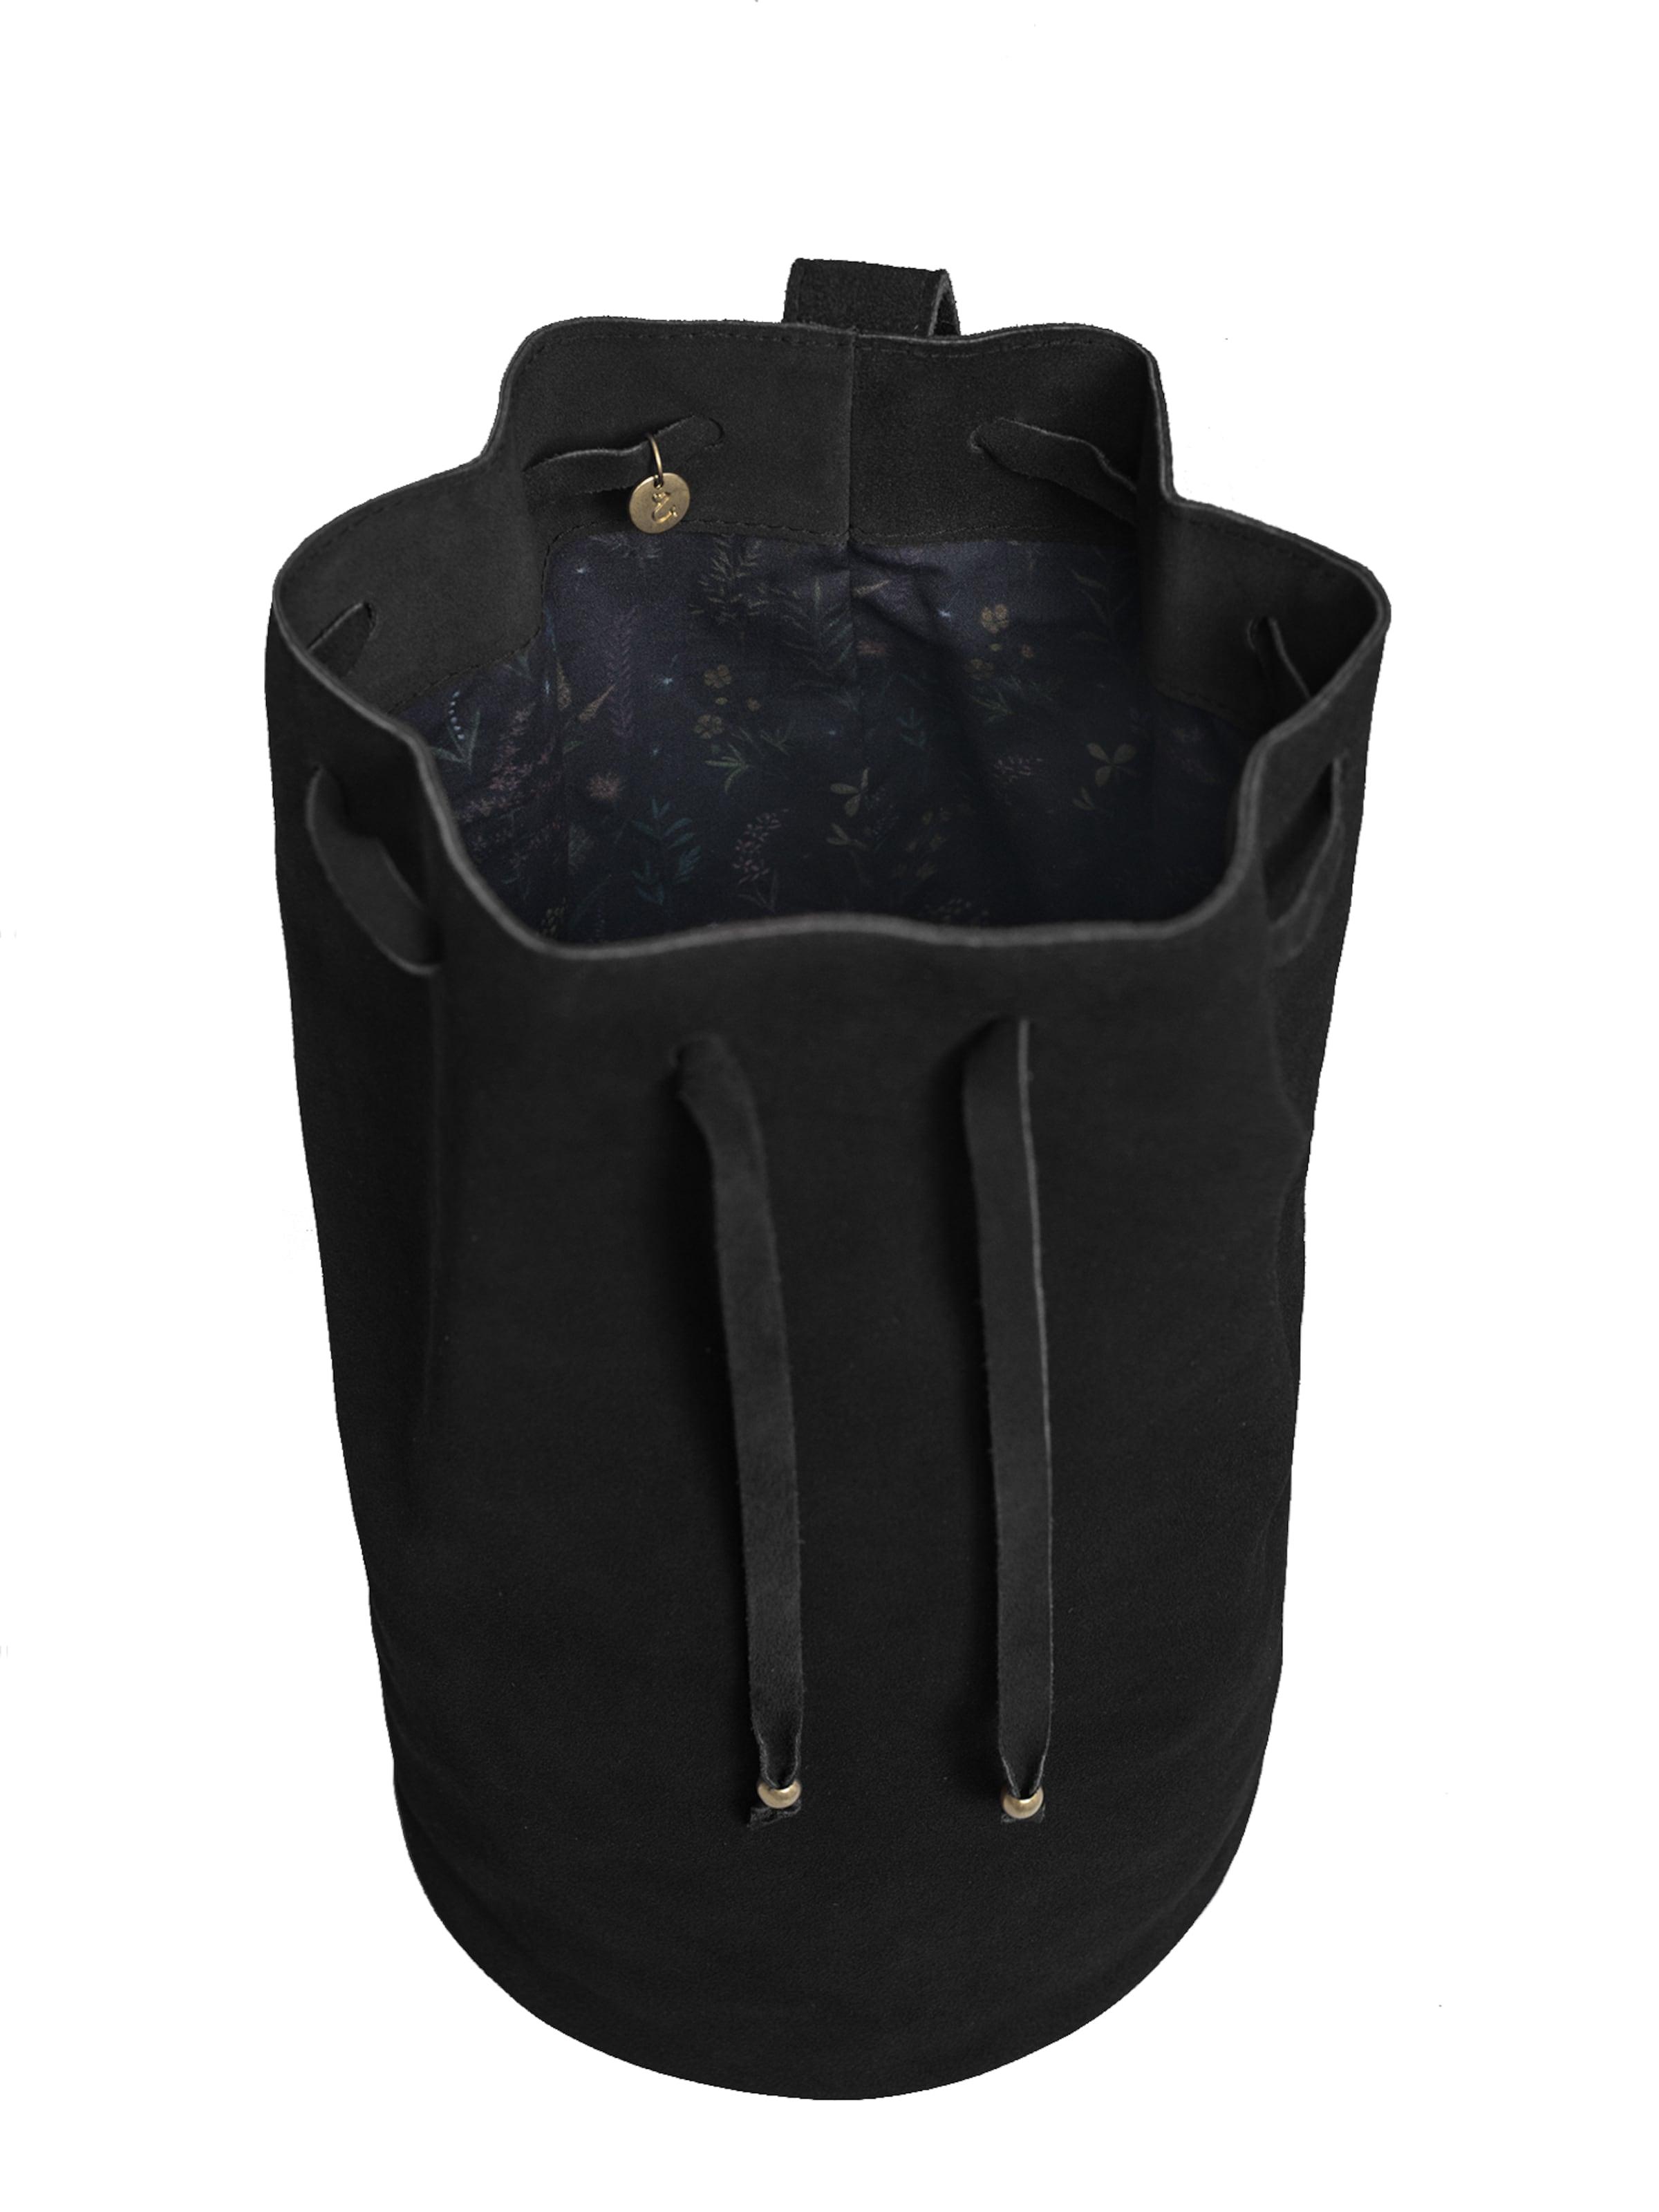 Schwarz Co In Mumamp; In Co Schwarz Co Mumamp; Handtasche Handtasche Mumamp; Handtasche In AR4j5L3